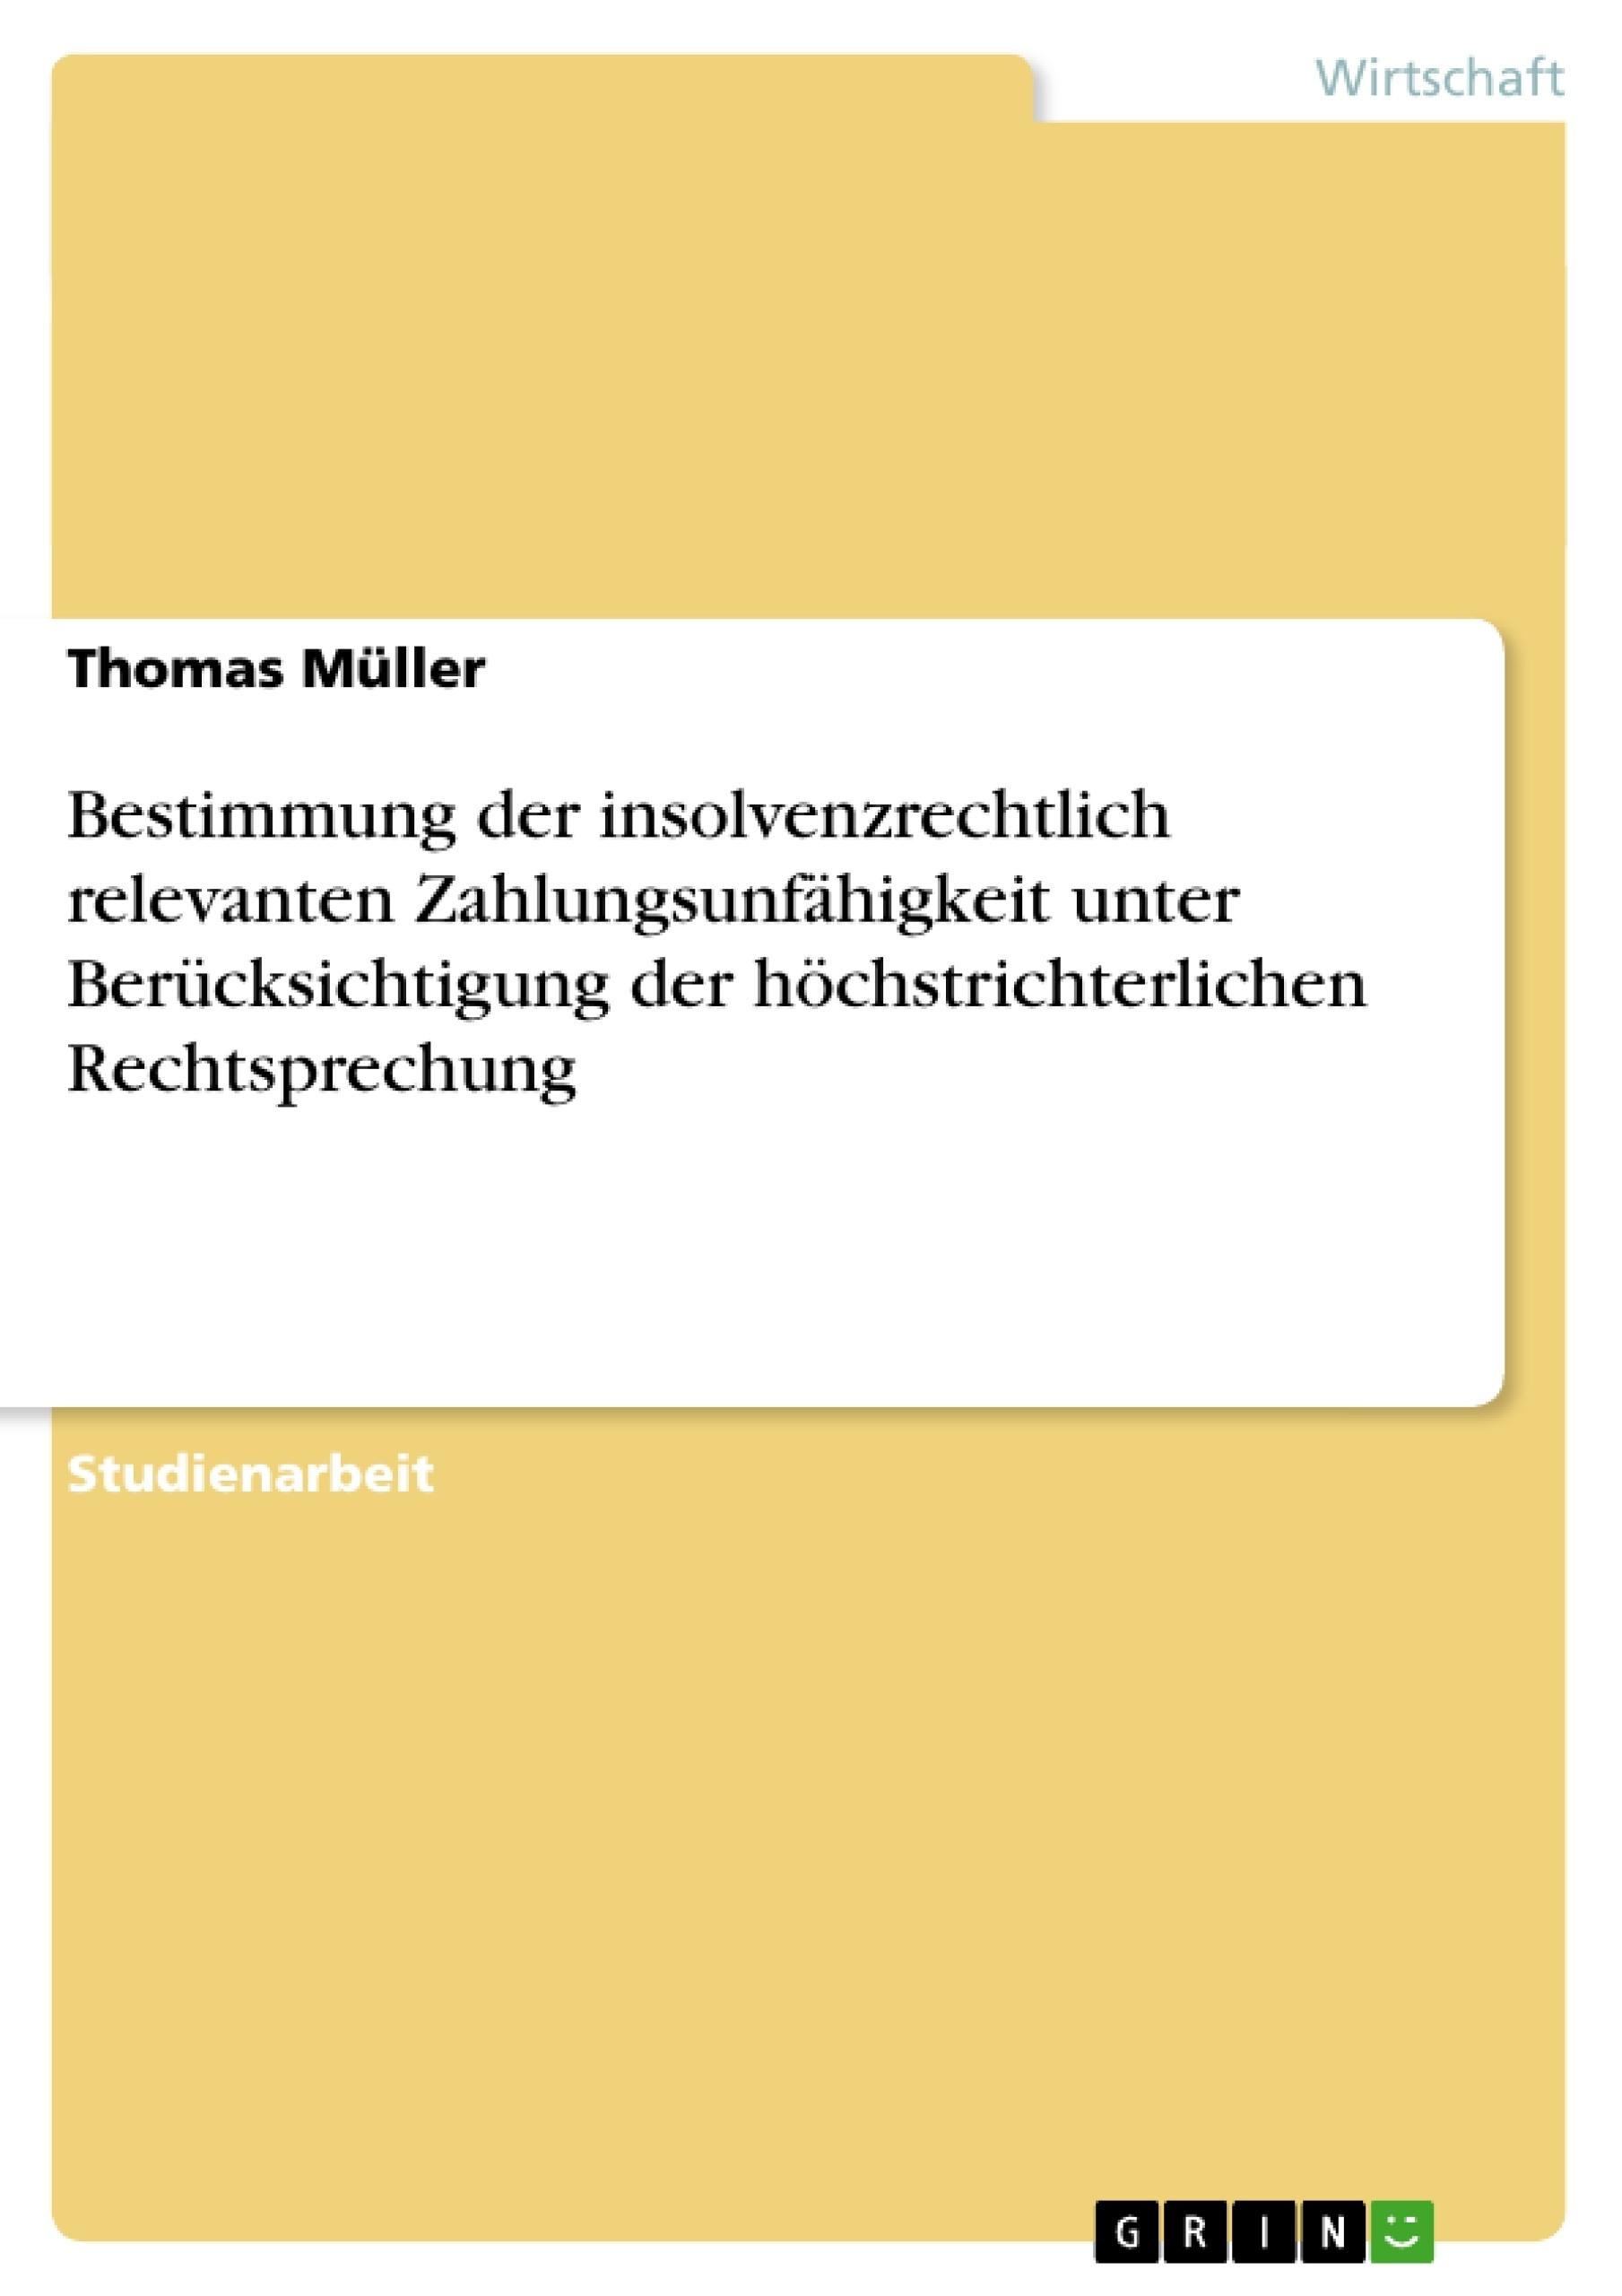 Titel: Bestimmung der insolvenzrechtlich relevanten Zahlungsunfähigkeit unter Berücksichtigung der höchstrichterlichen Rechtsprechung